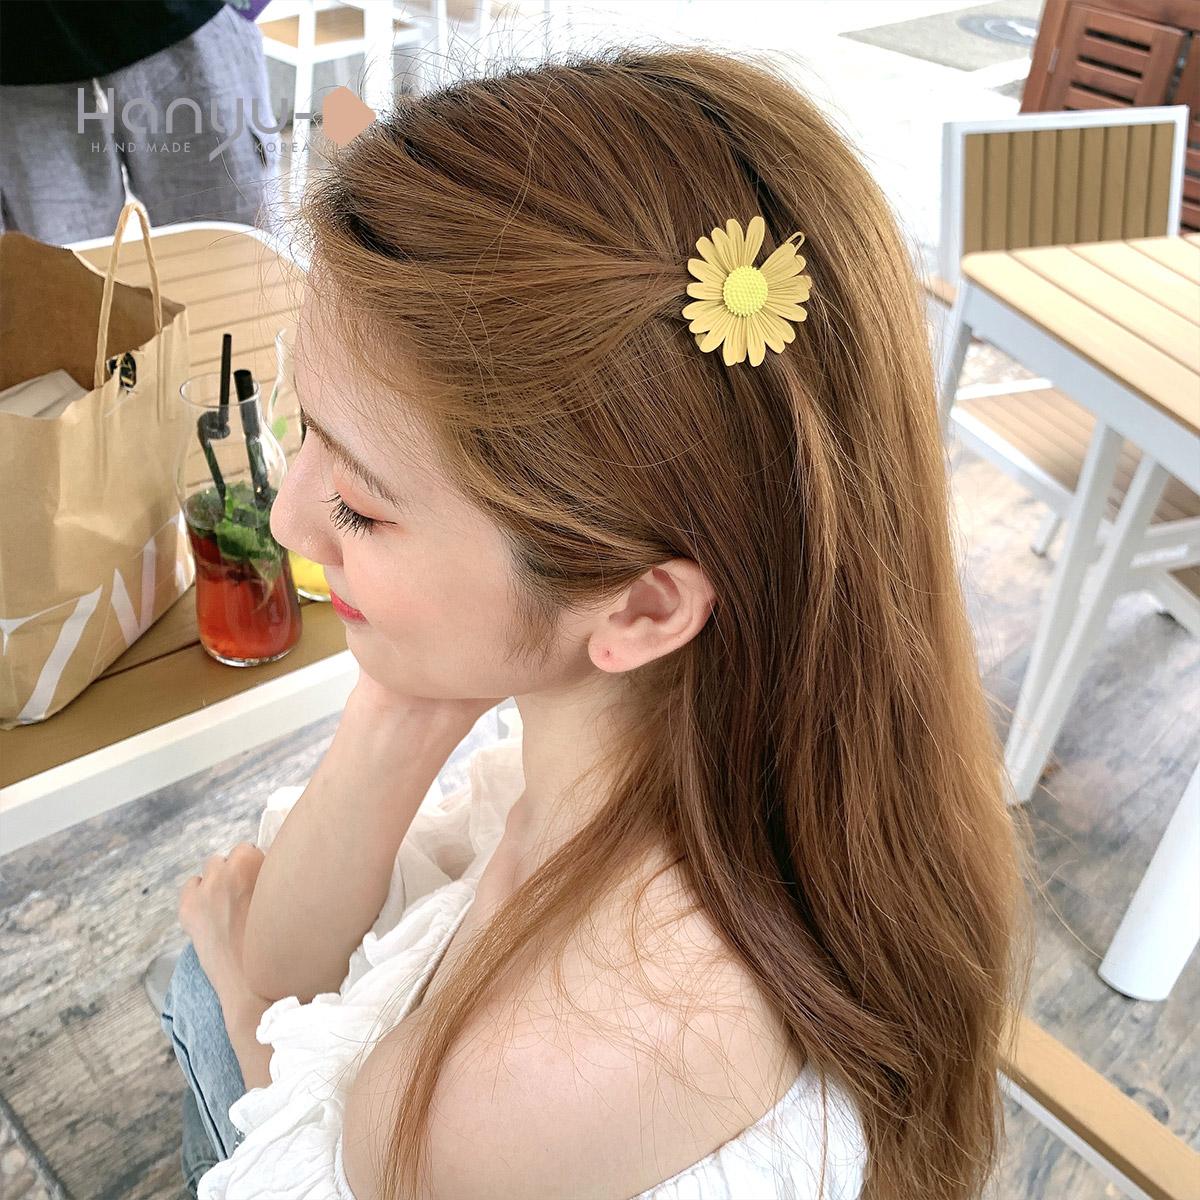 小雏菊发夹边夹少女顶夹刘海卡固定网红卡子女侧边夹发卡短发神器